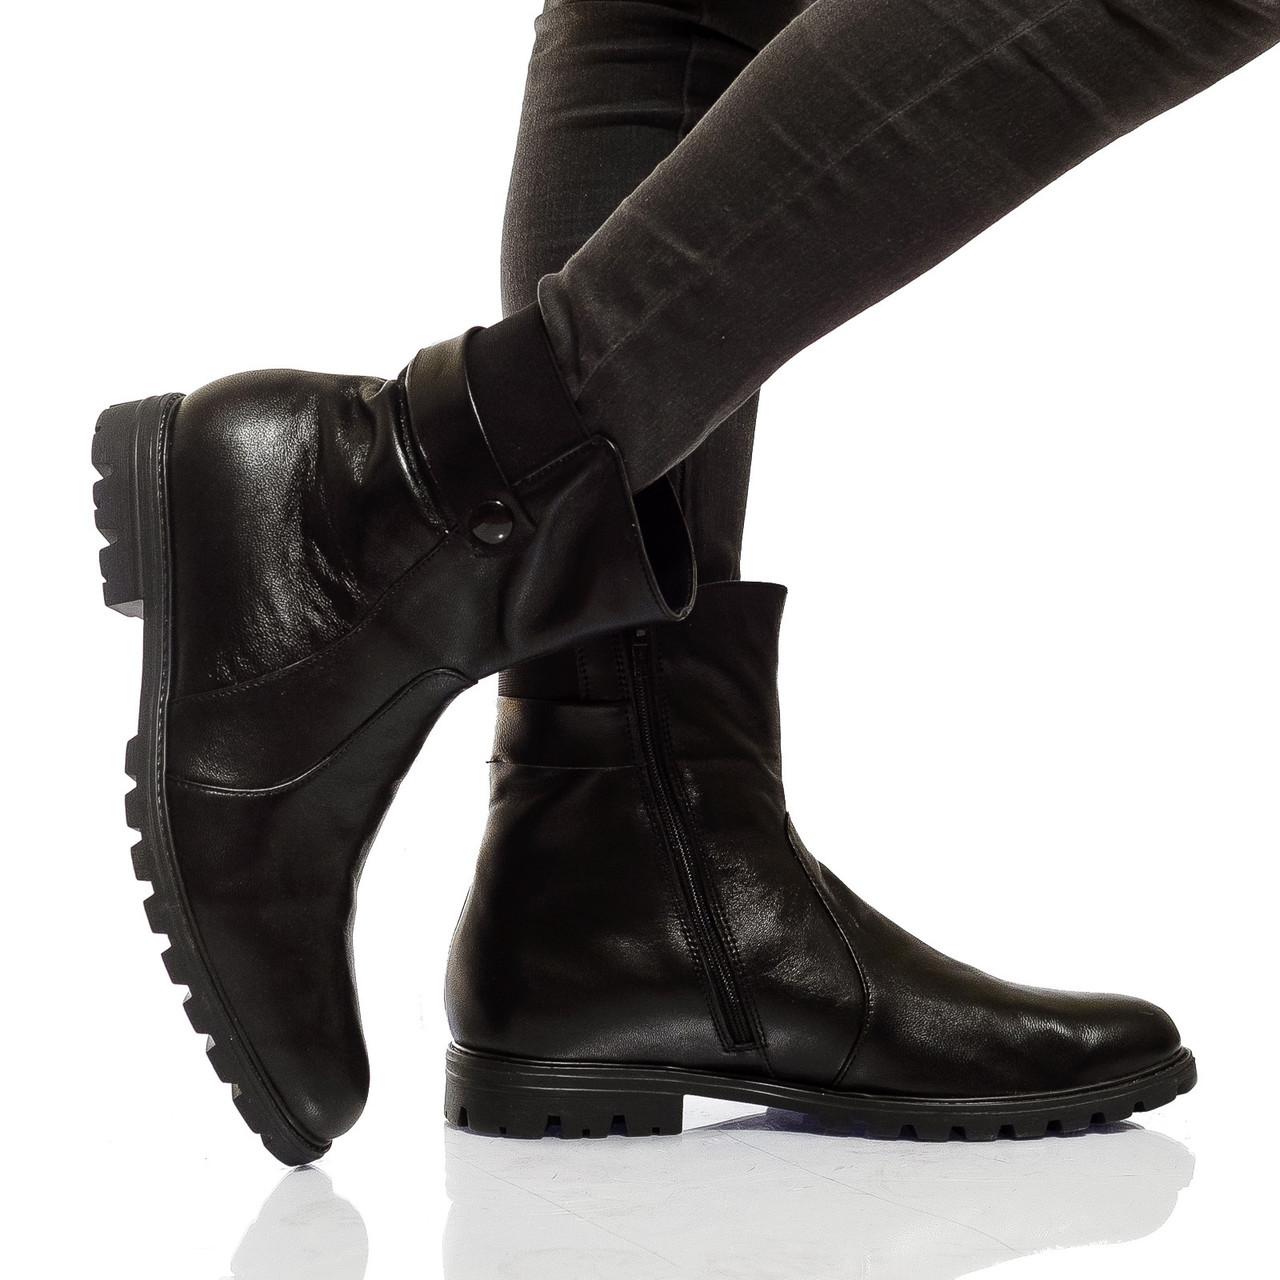 Ботинки на низком ходу, из натуральной кожи, на молнии. Черный цвет! Размеры 36-41 модель S2193